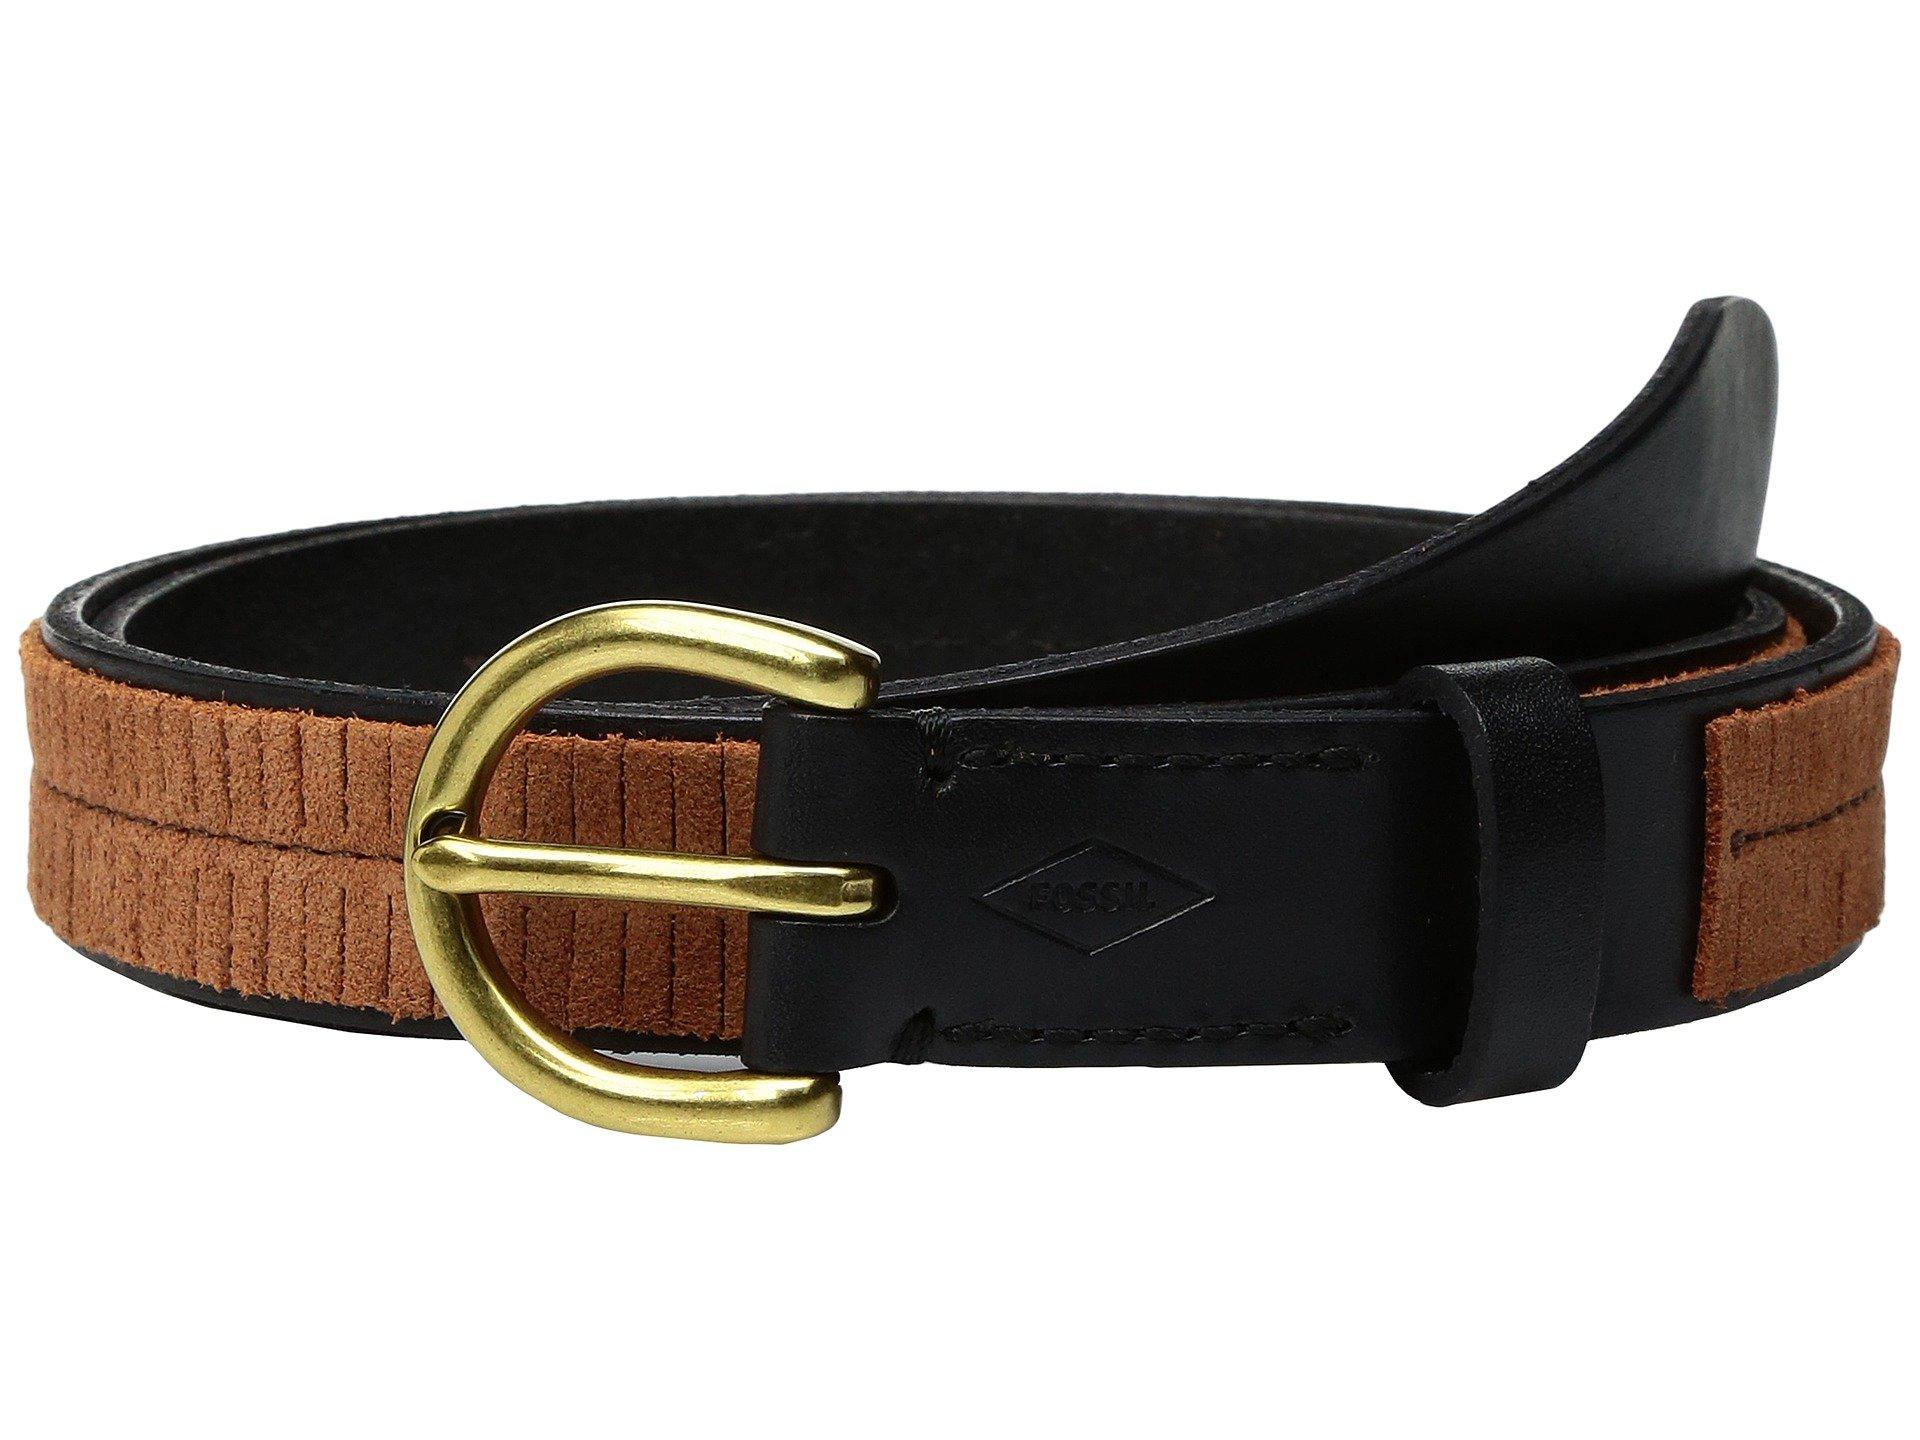 Correa o Cinturon para Mujer Fossil Fringe Skinny Belt  + Fossil en VeoyCompro.net